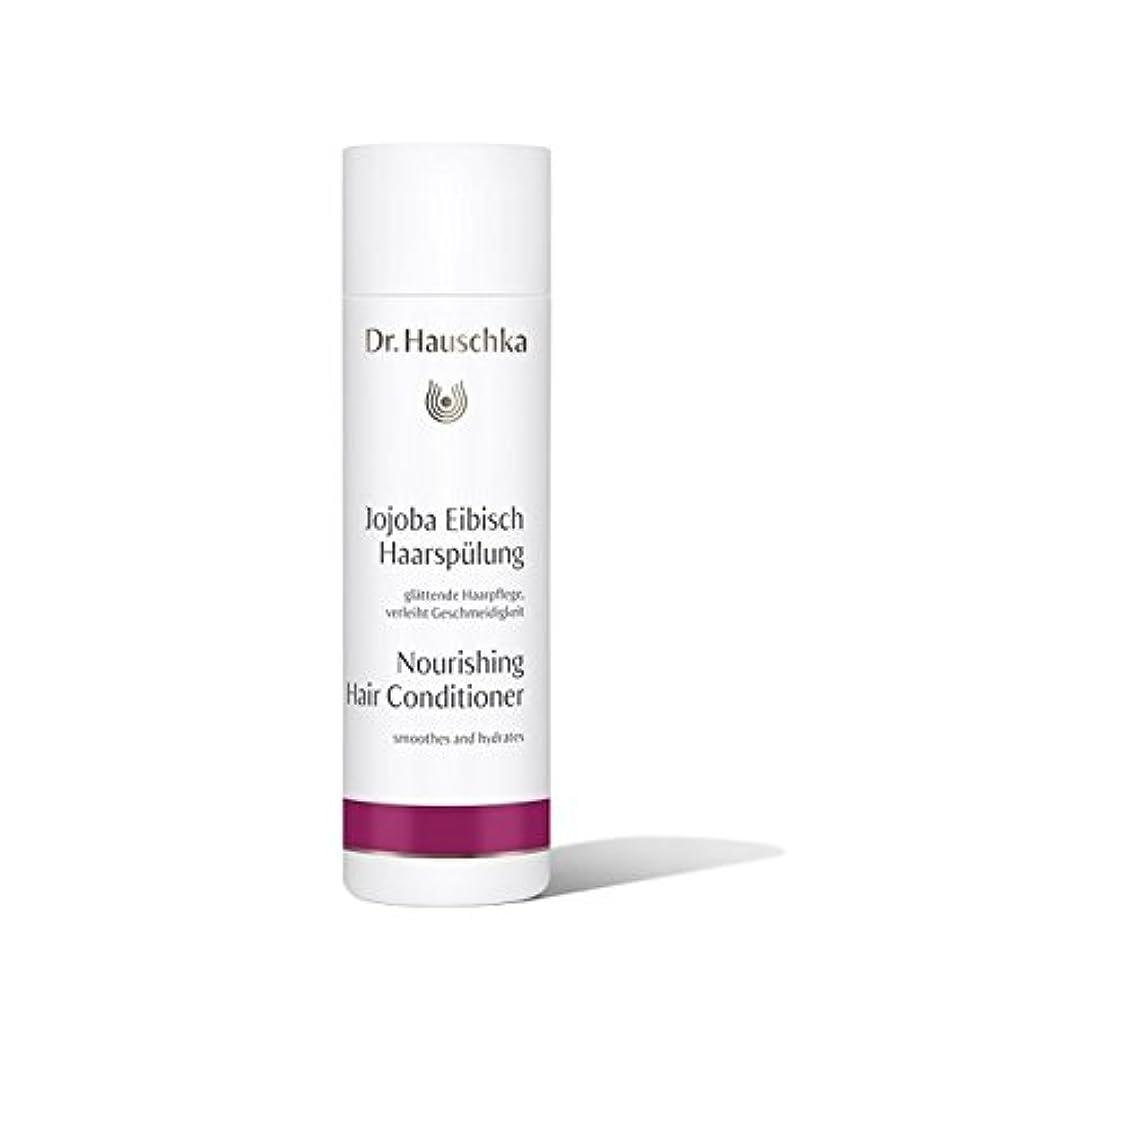 ガイド癒すセメントDr. Hauschka Nourishing Hair Conditioner (200ml) (Pack of 6) - ハウシュカ栄養ヘアコンディショナー(200ミリリットル) x6 [並行輸入品]